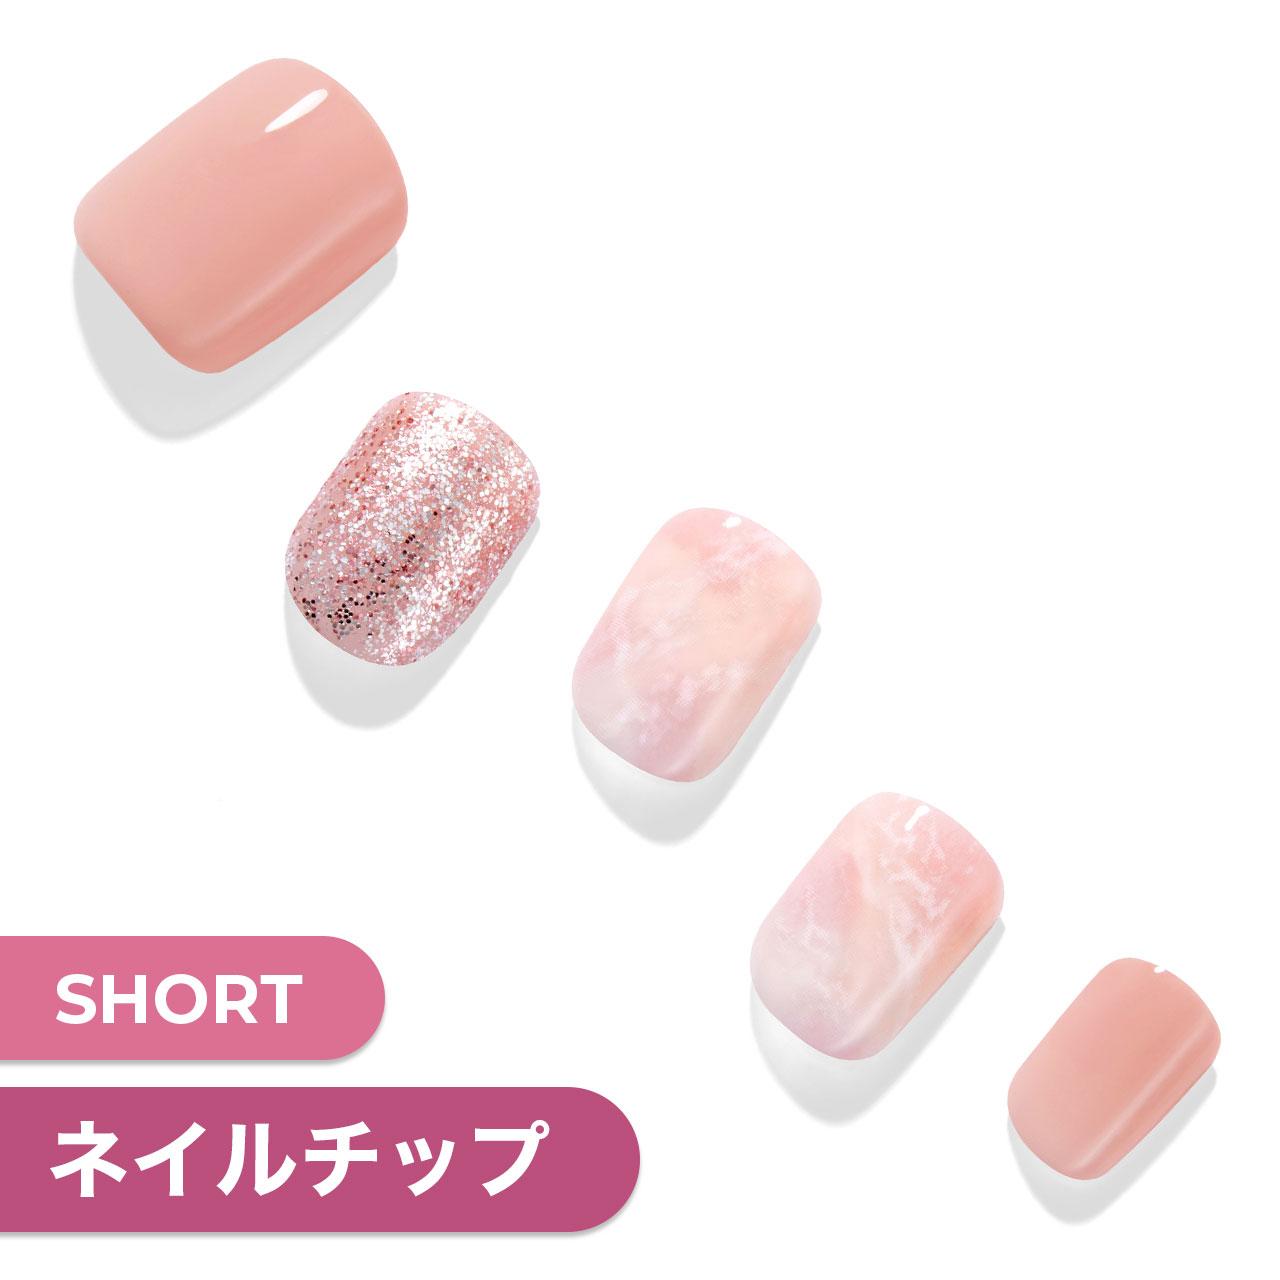 【Sweet Marble】ダッシングディバマジックプレス